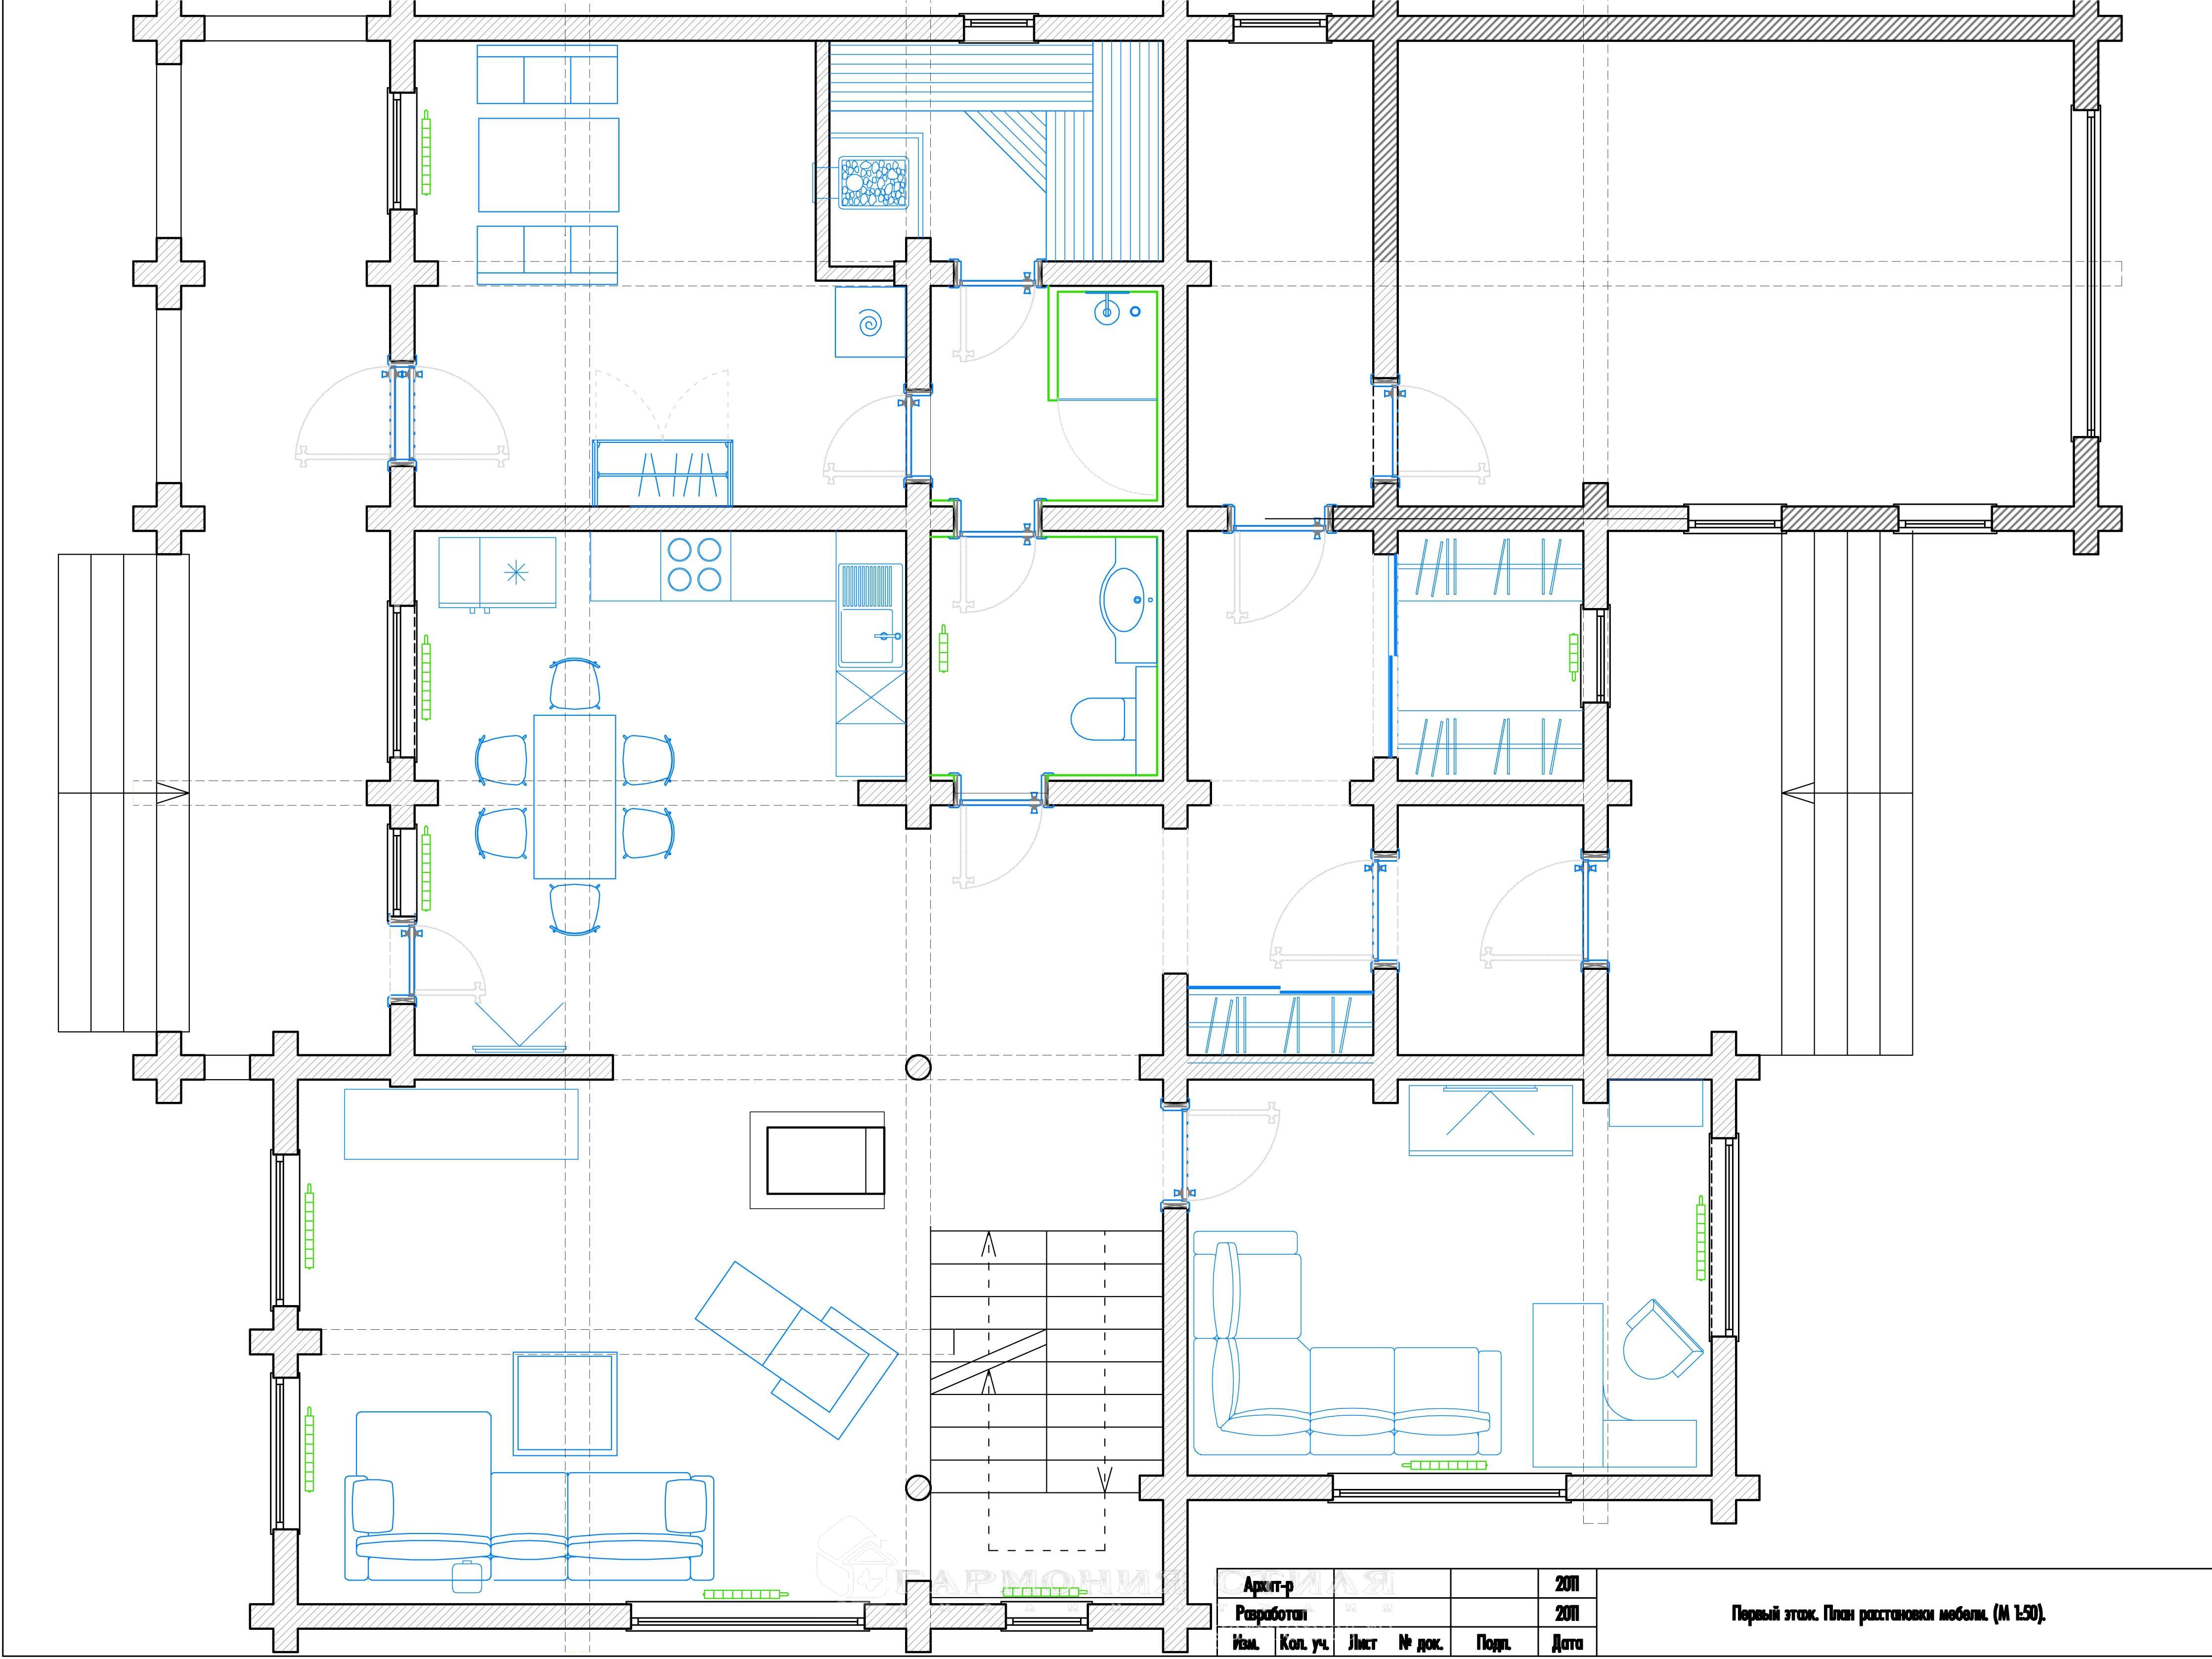 Дизайн интерьера коттеджа : План 1-го этажа с расстановкой мебели